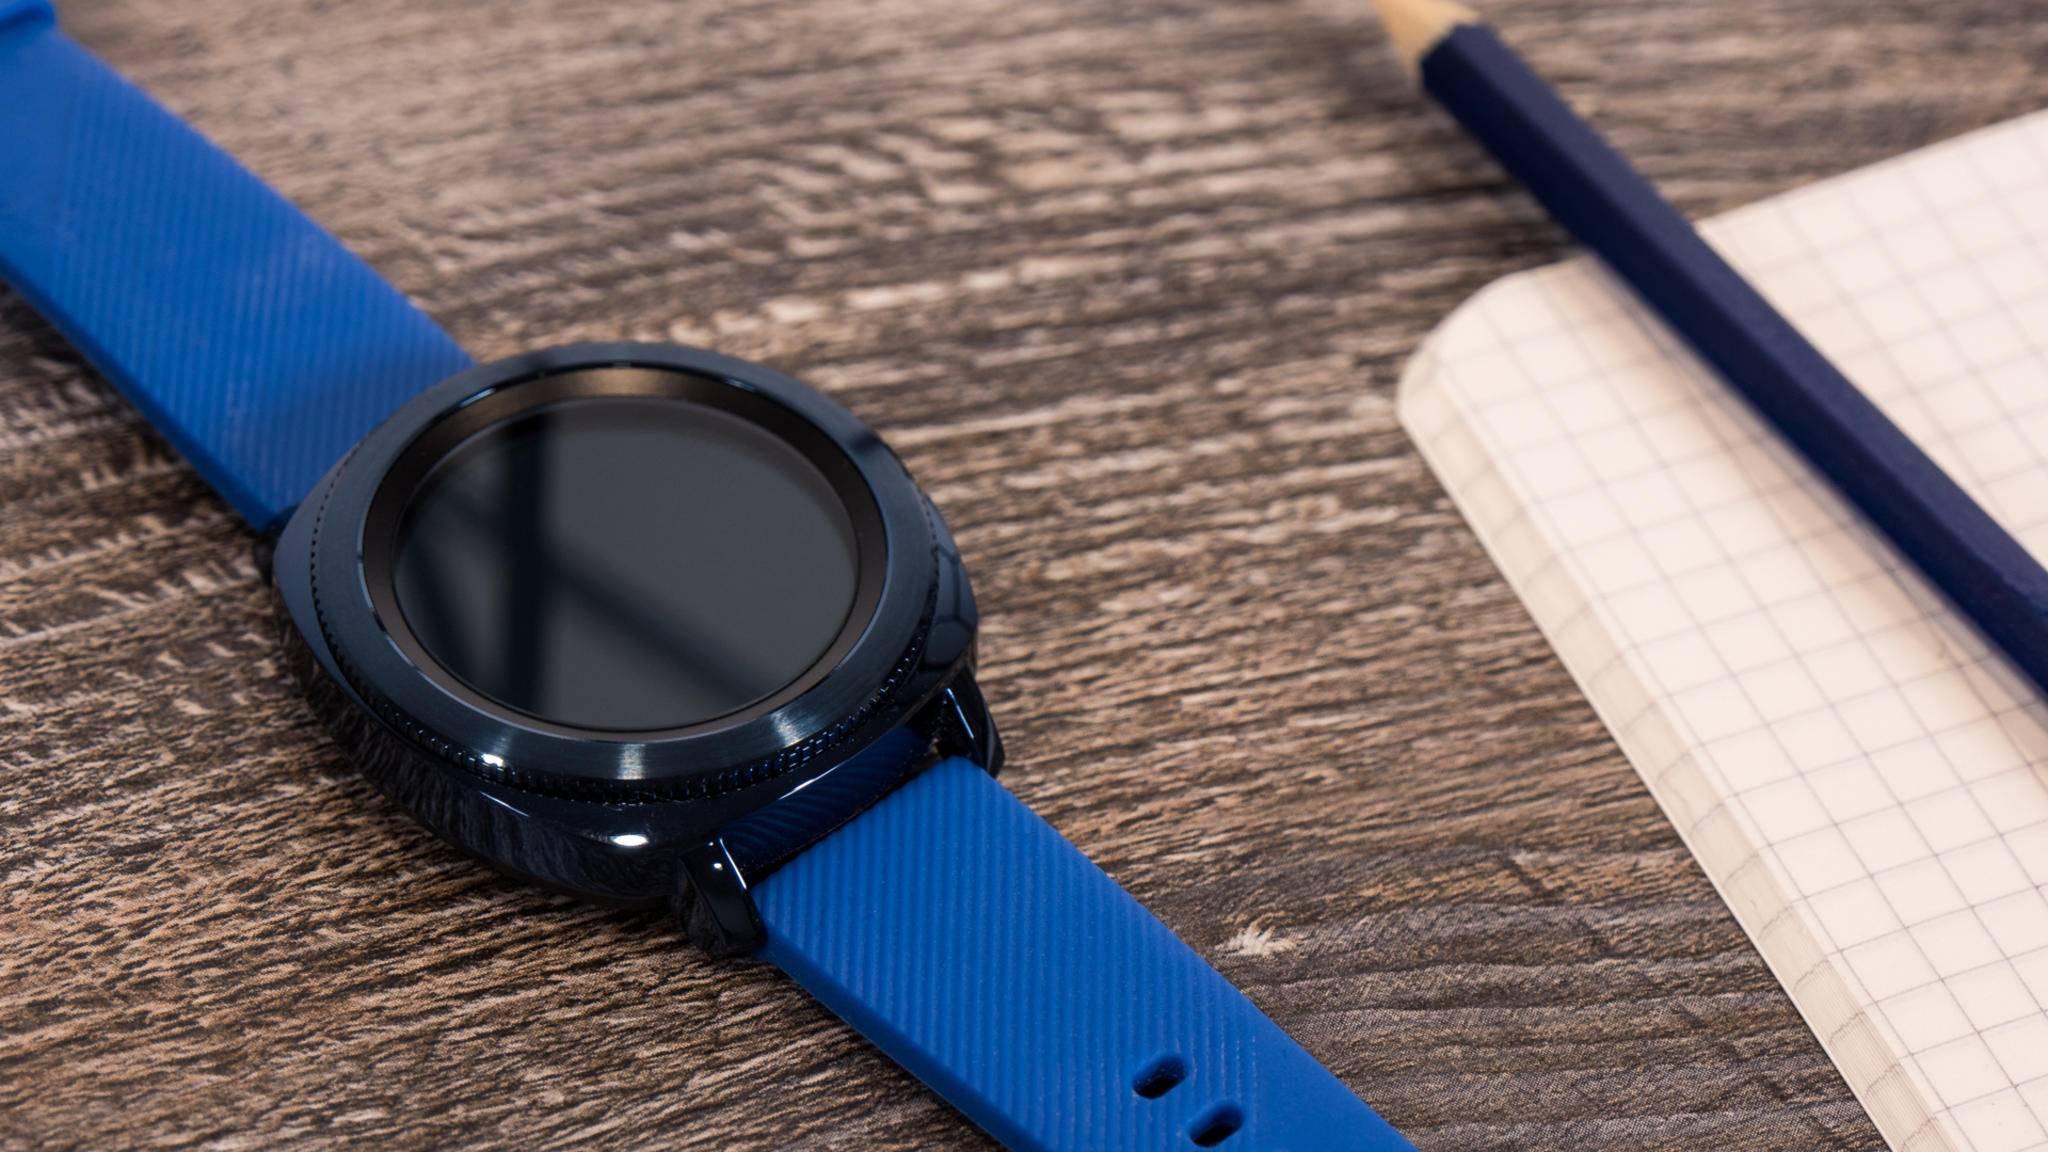 Samsung: Heißt die Gear S4 nun Galaxy Watch?